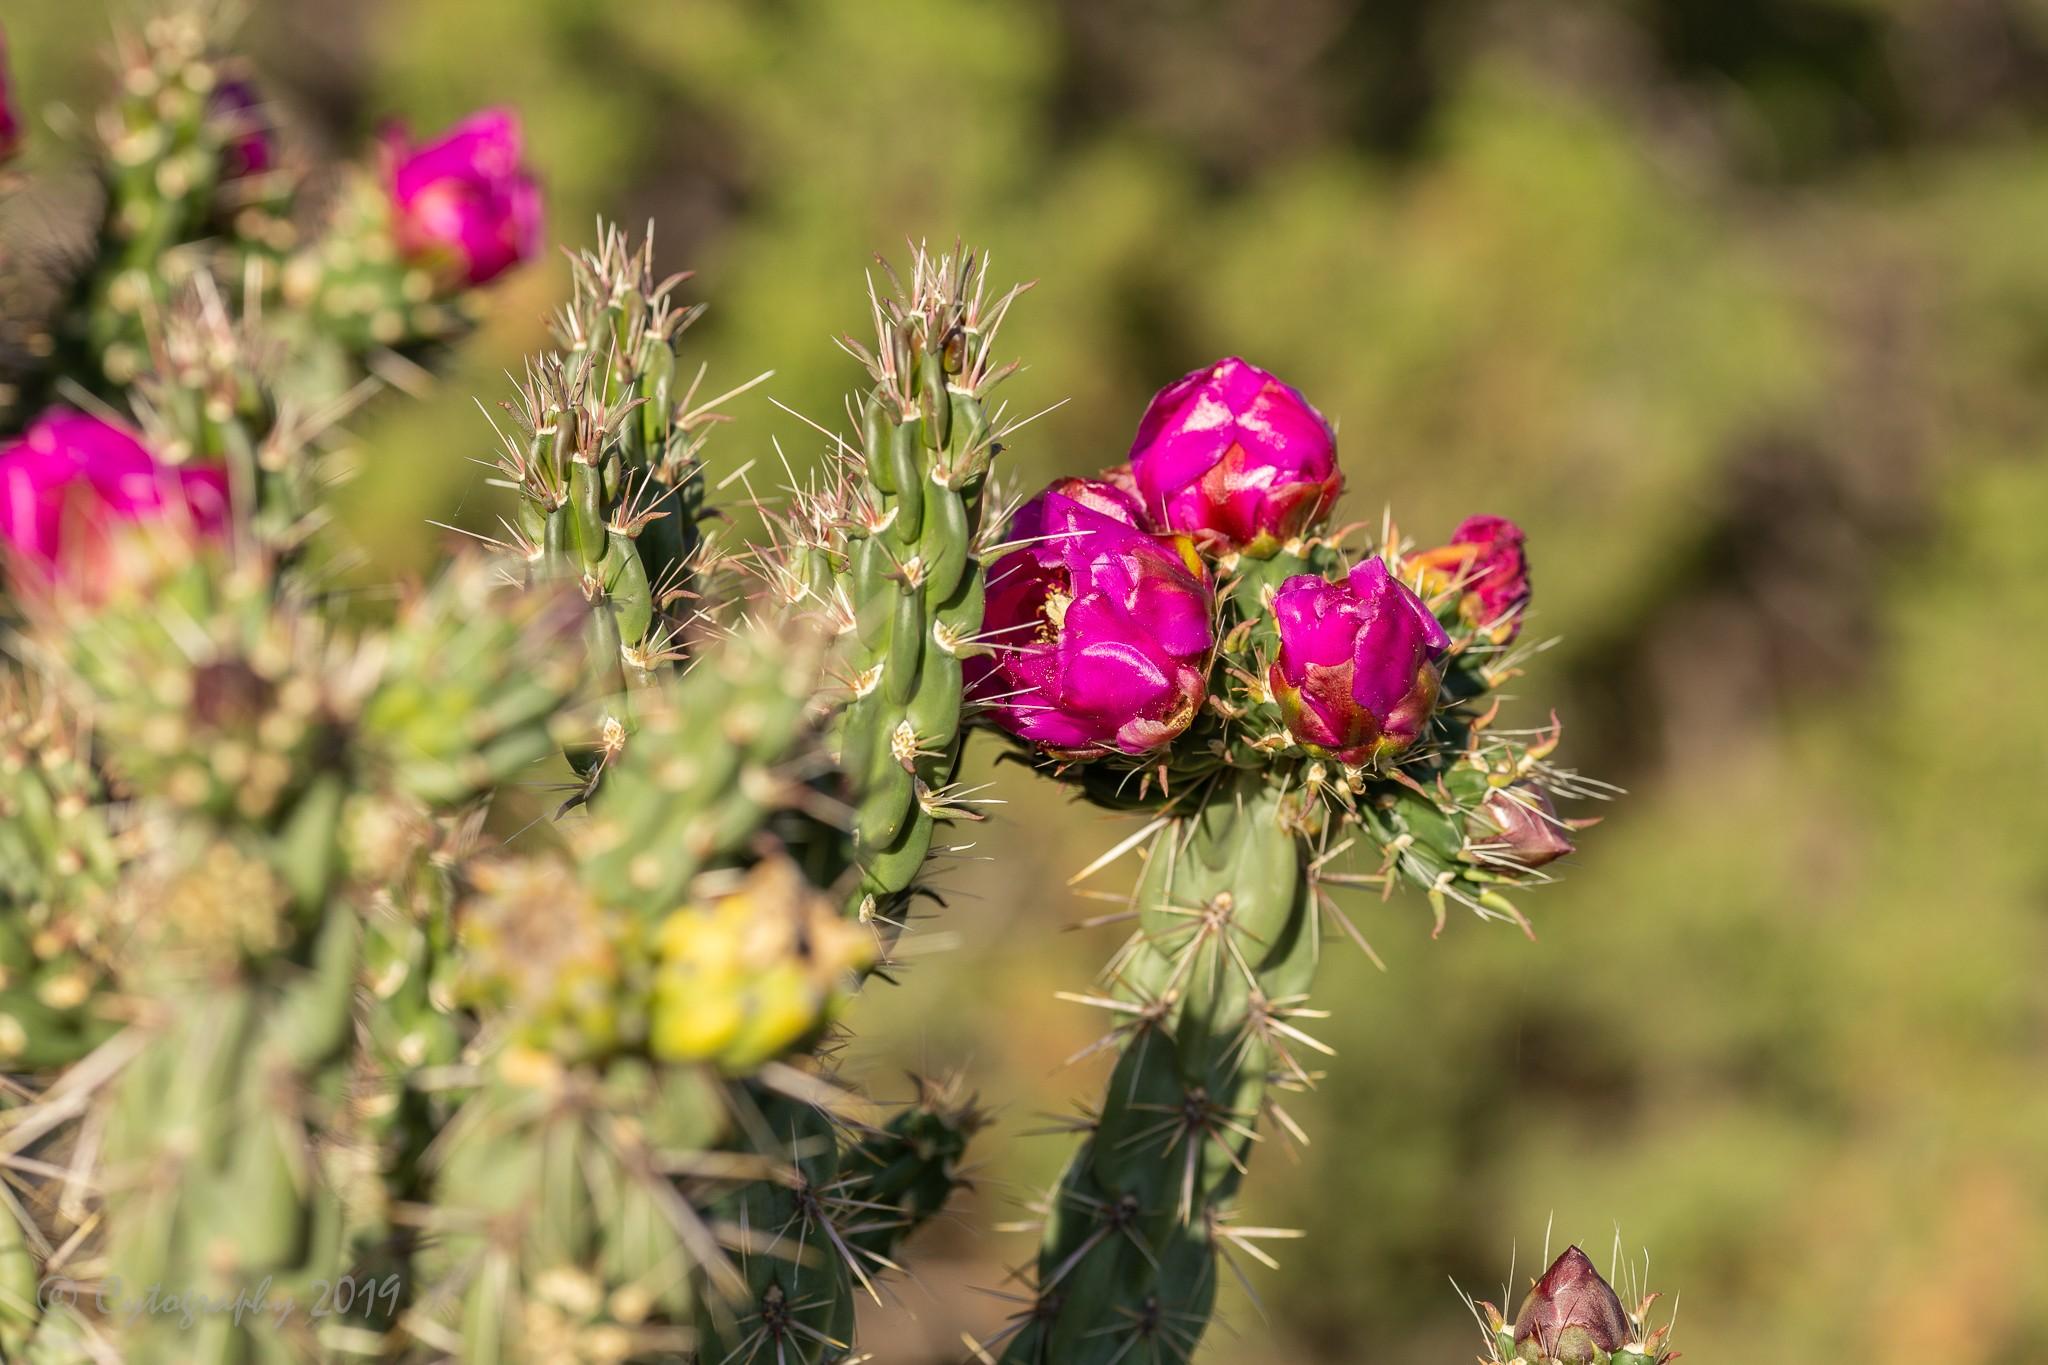 Cactus1-2.jpg